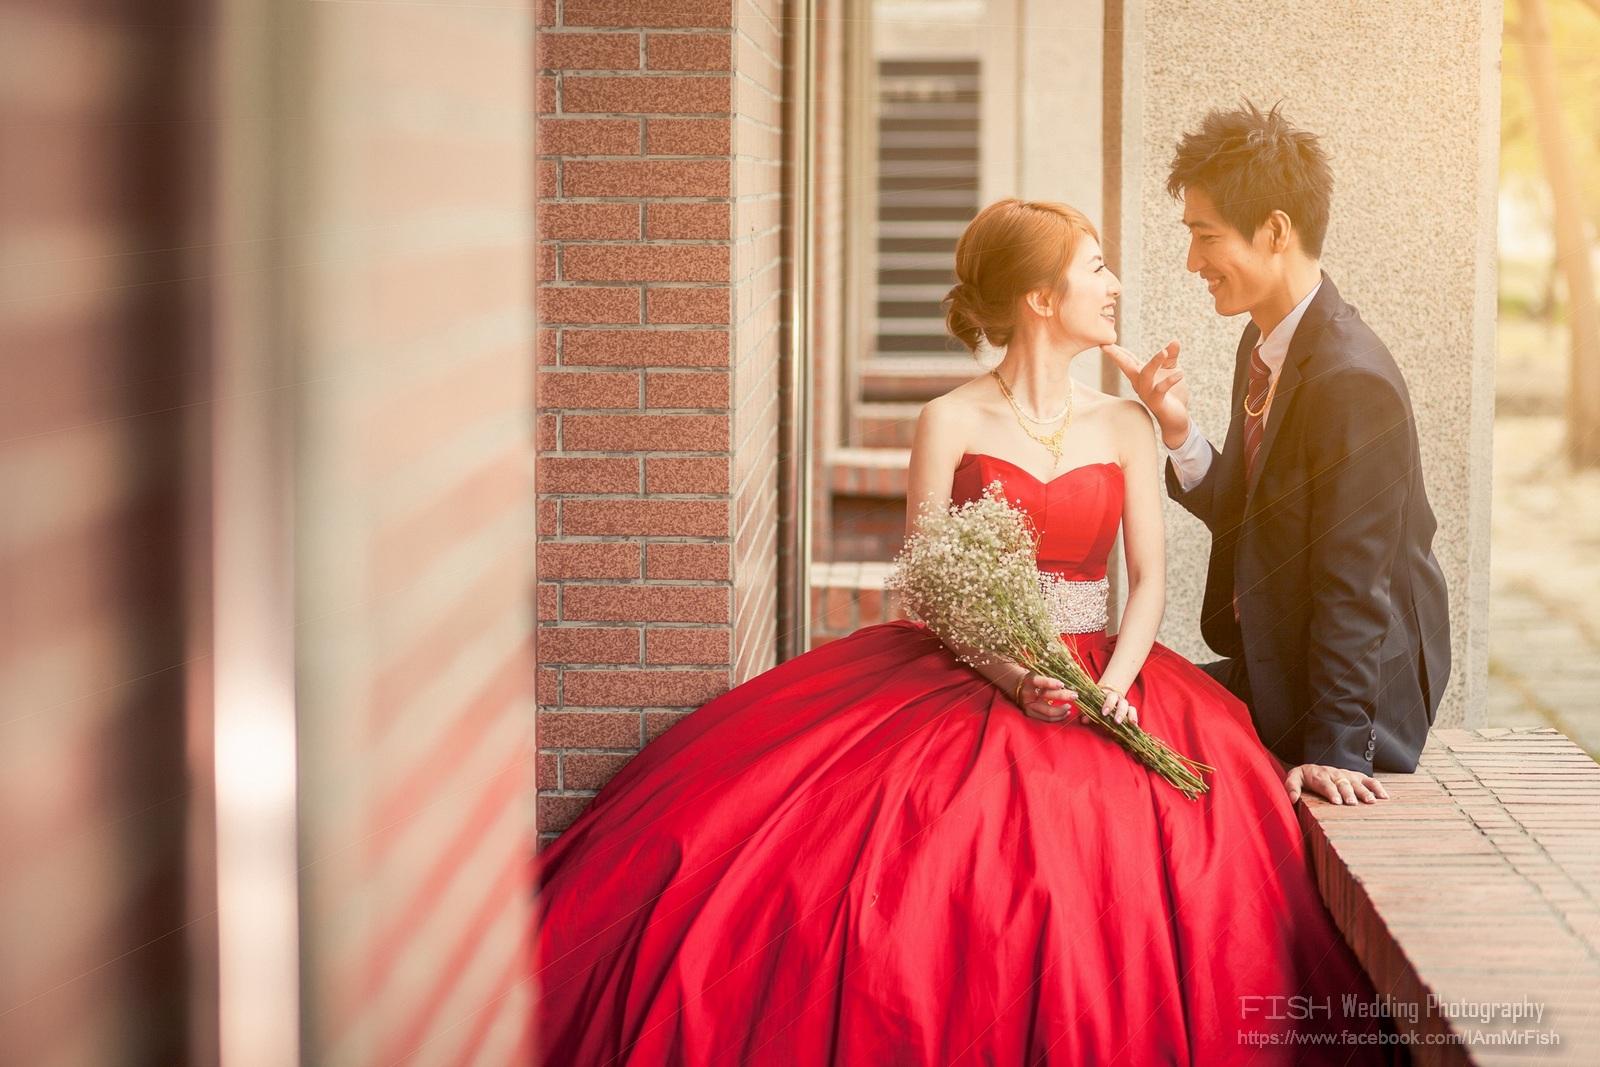 【Wedding】森森+偉凡文定大喜喜